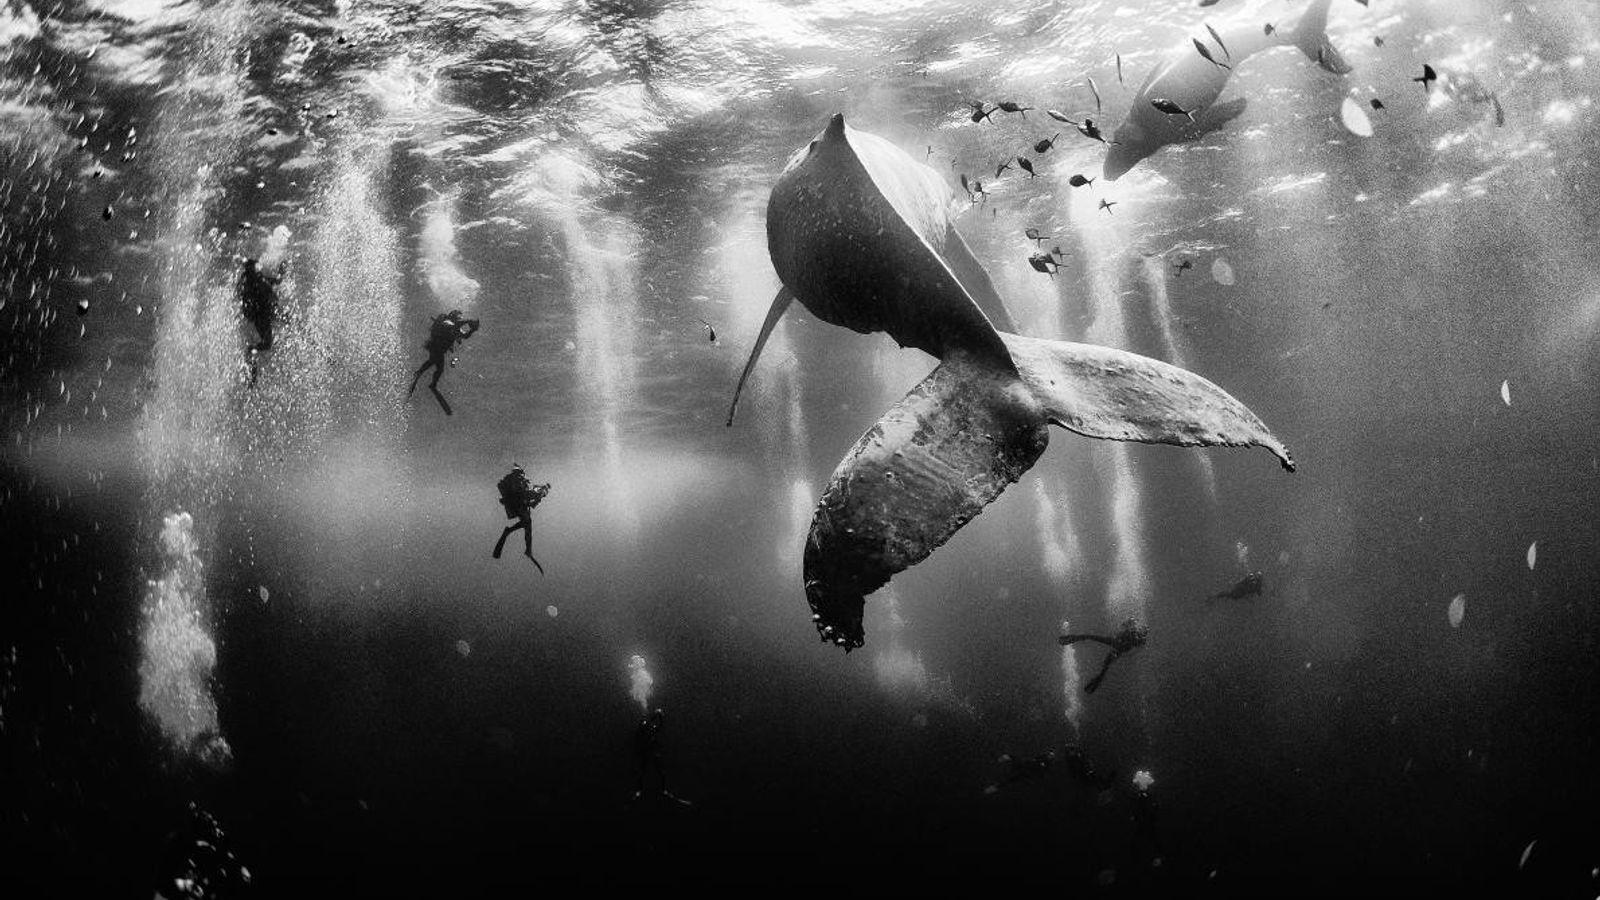 Cette image de plongeurs aux côtés de baleines à bosse au large de l'île de Roca ...